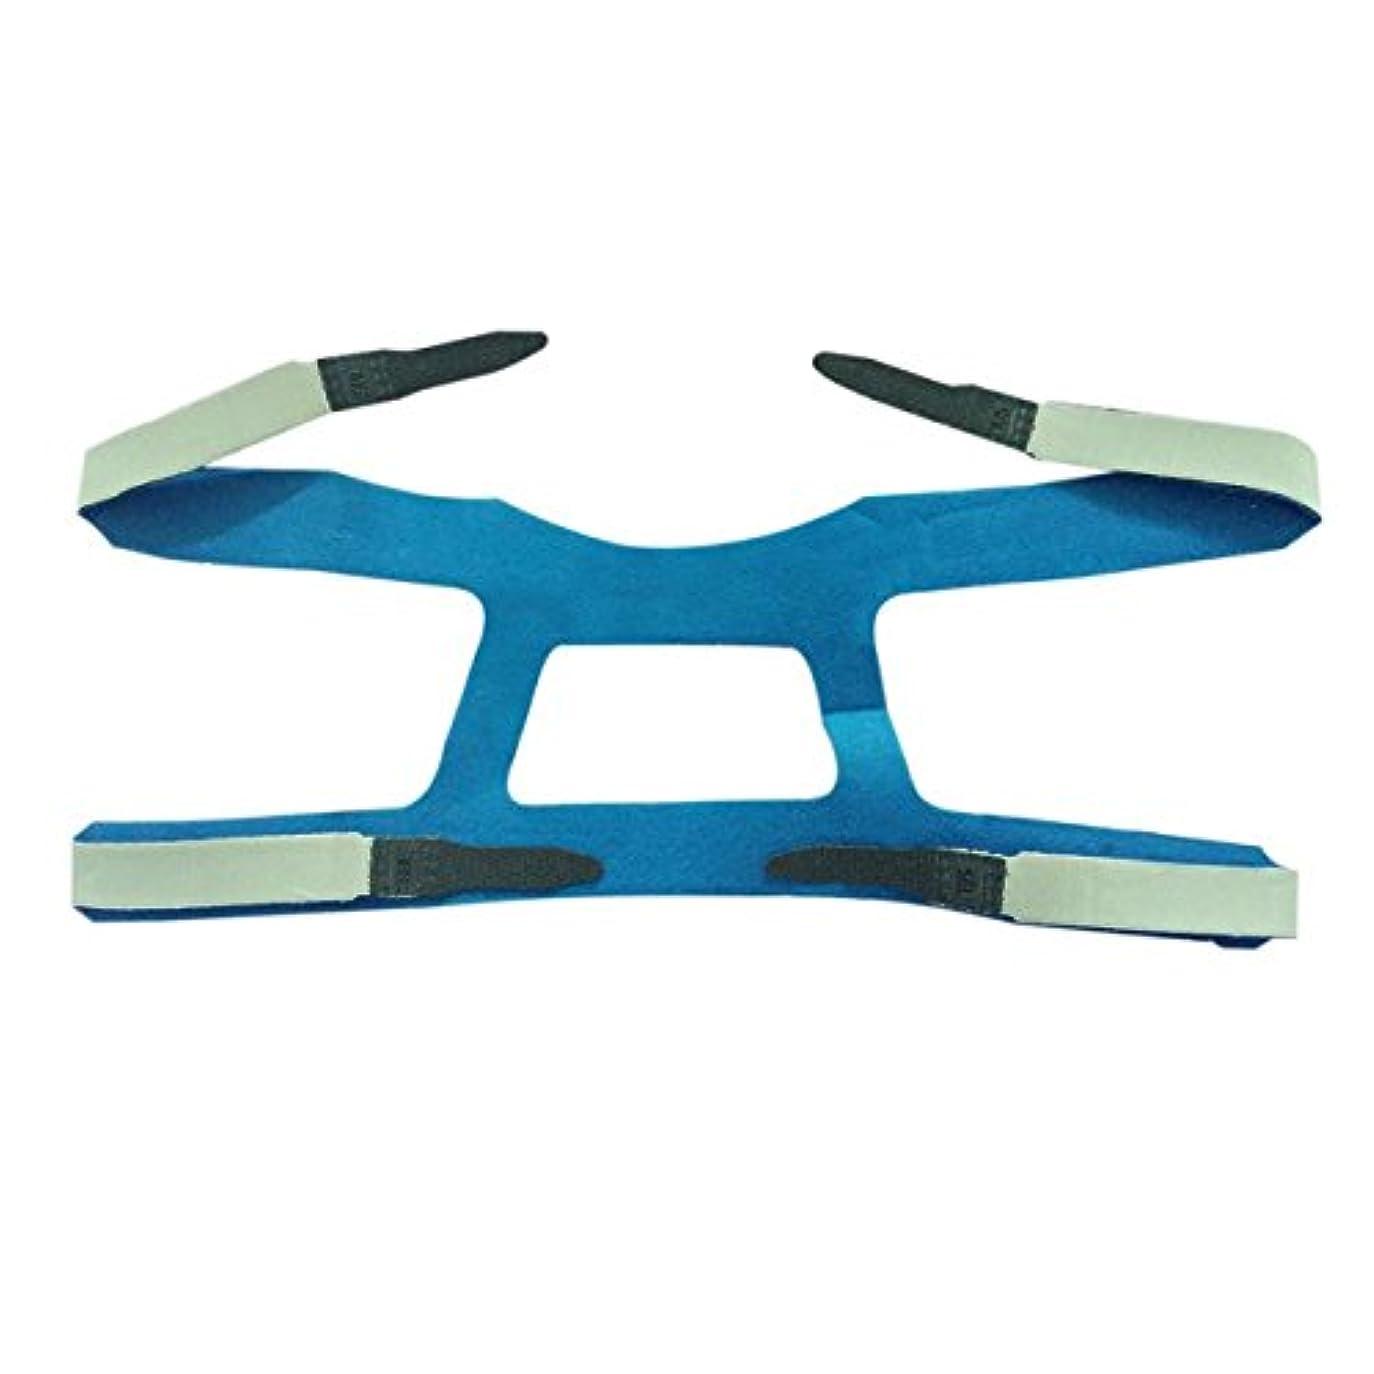 一握り会話型キャンセルユニバーサルデザインのヘッドギアコンフォートゲルフルマスク安全な環境交換CPAPヘッドバンドなしPHILPS